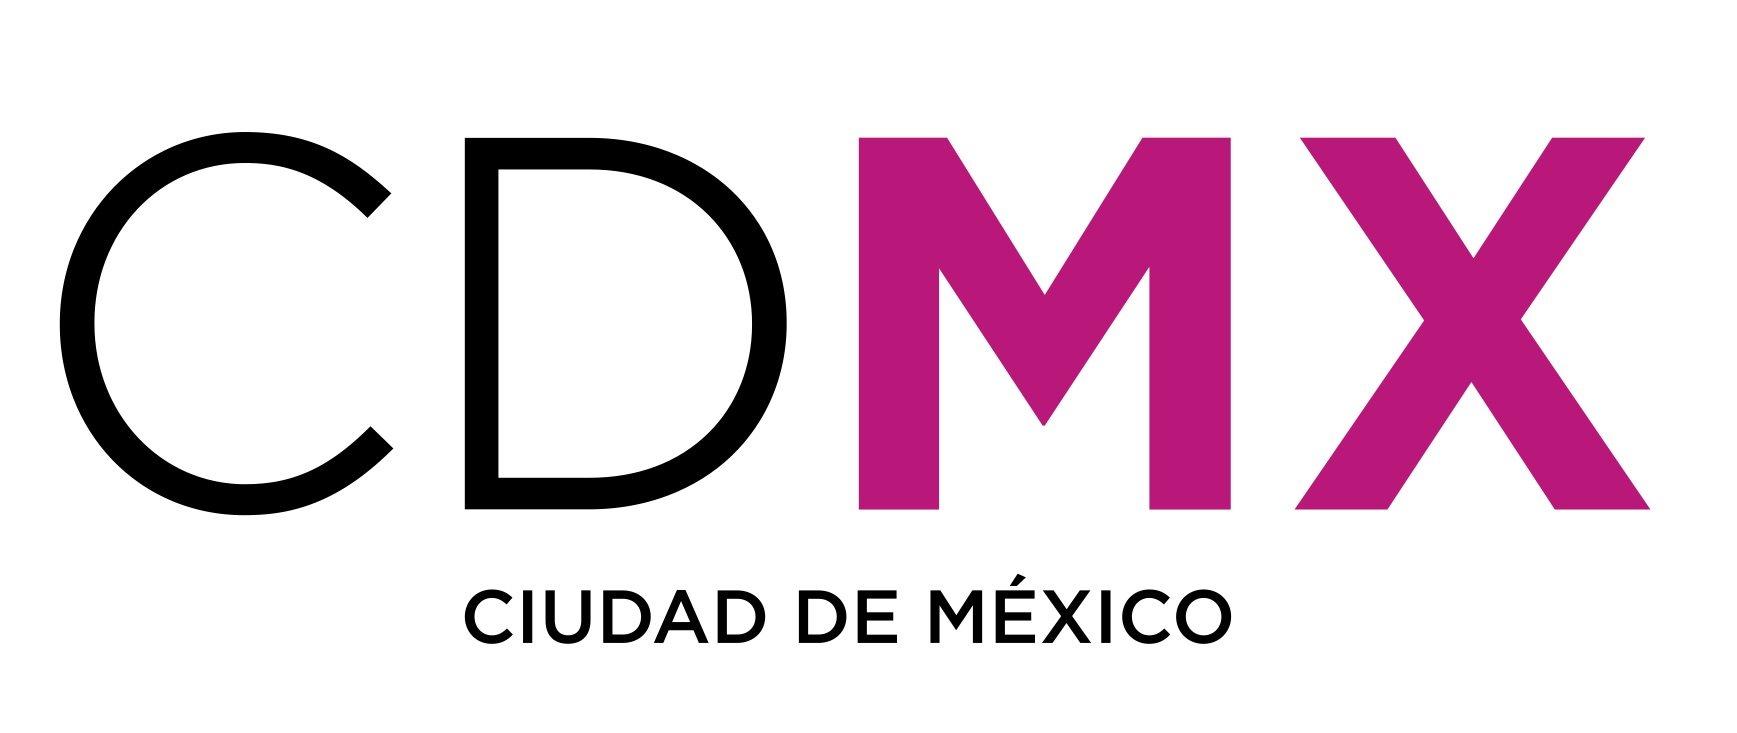 El diseño de la marca ciudad CDMX